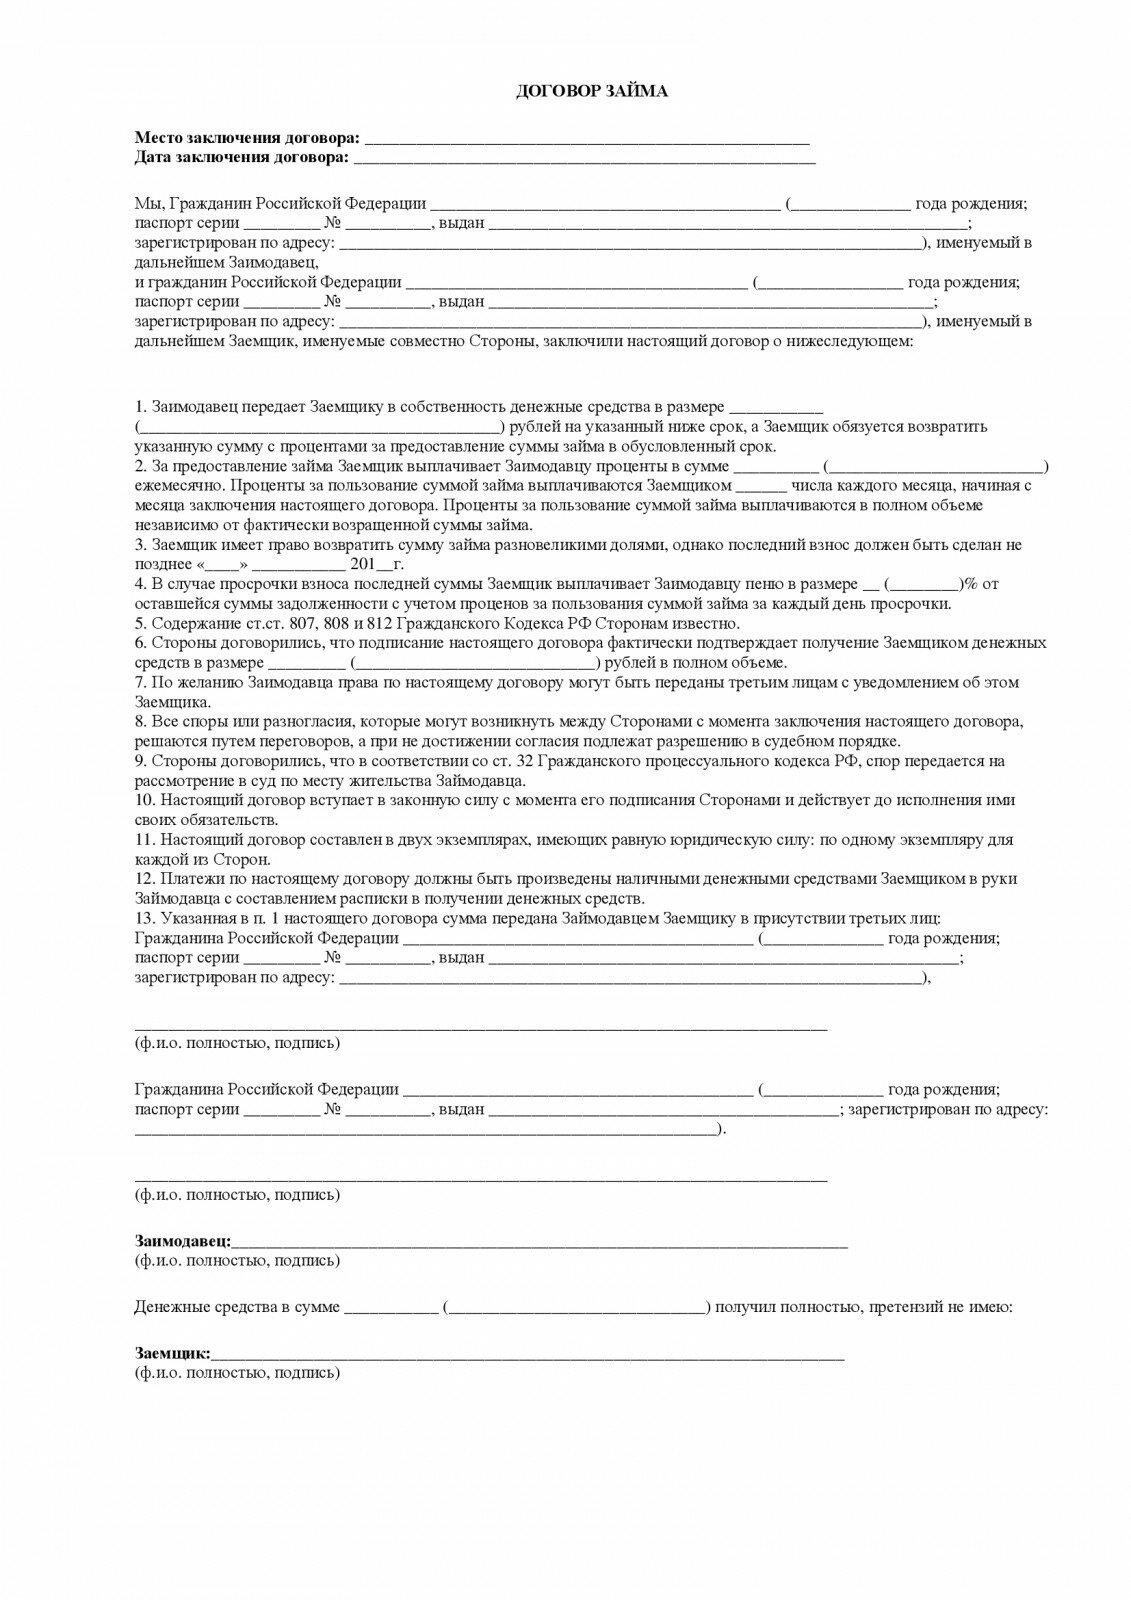 кредитный договор между физическими лицами образец